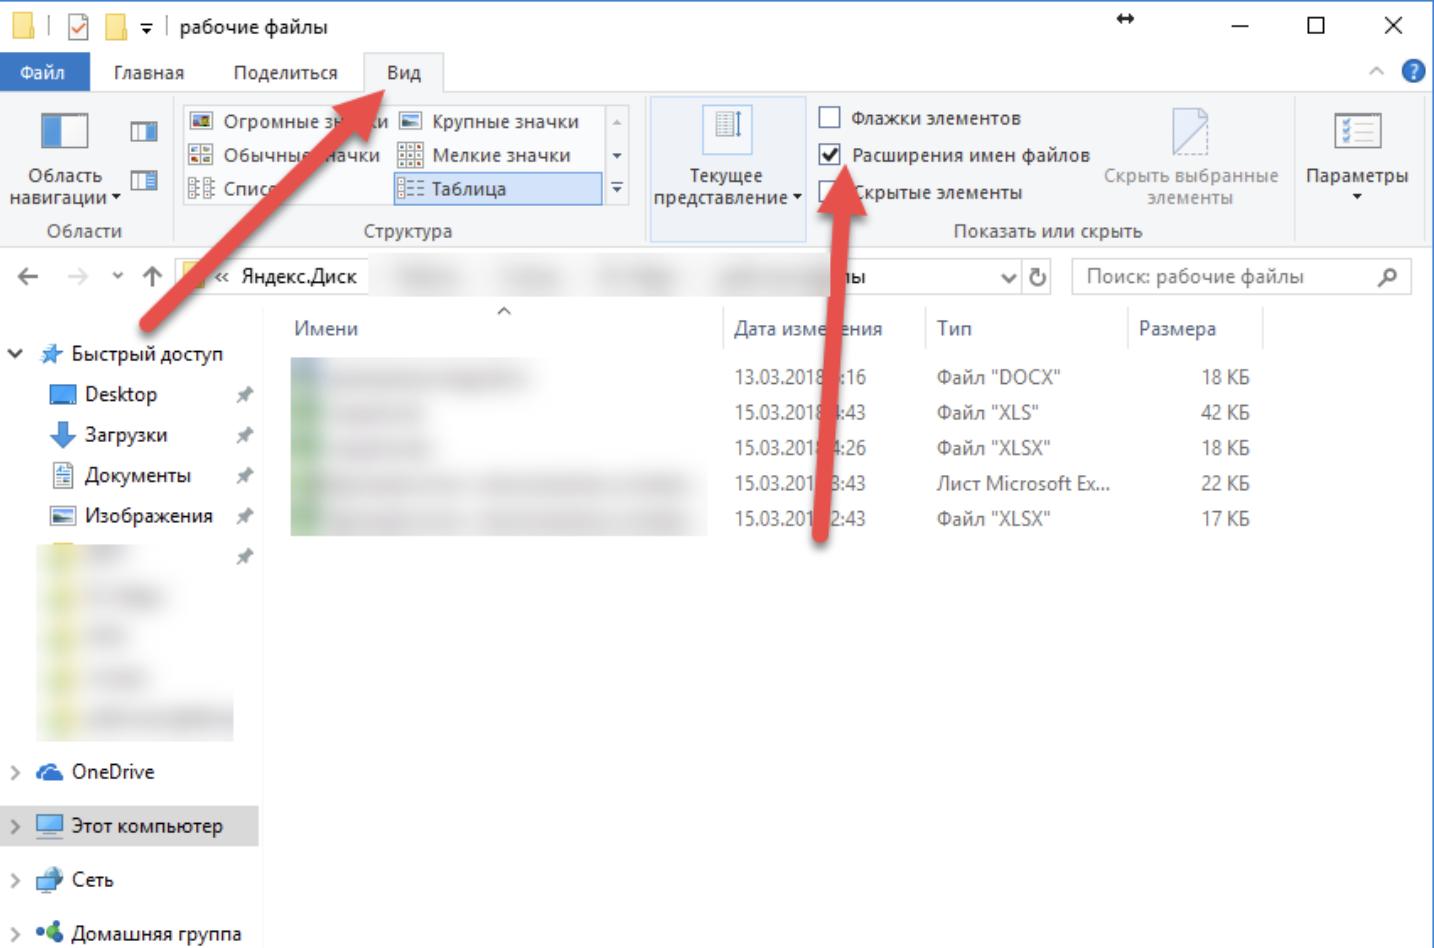 снять защиту с эксель файла онлайн - меняем расширение файла